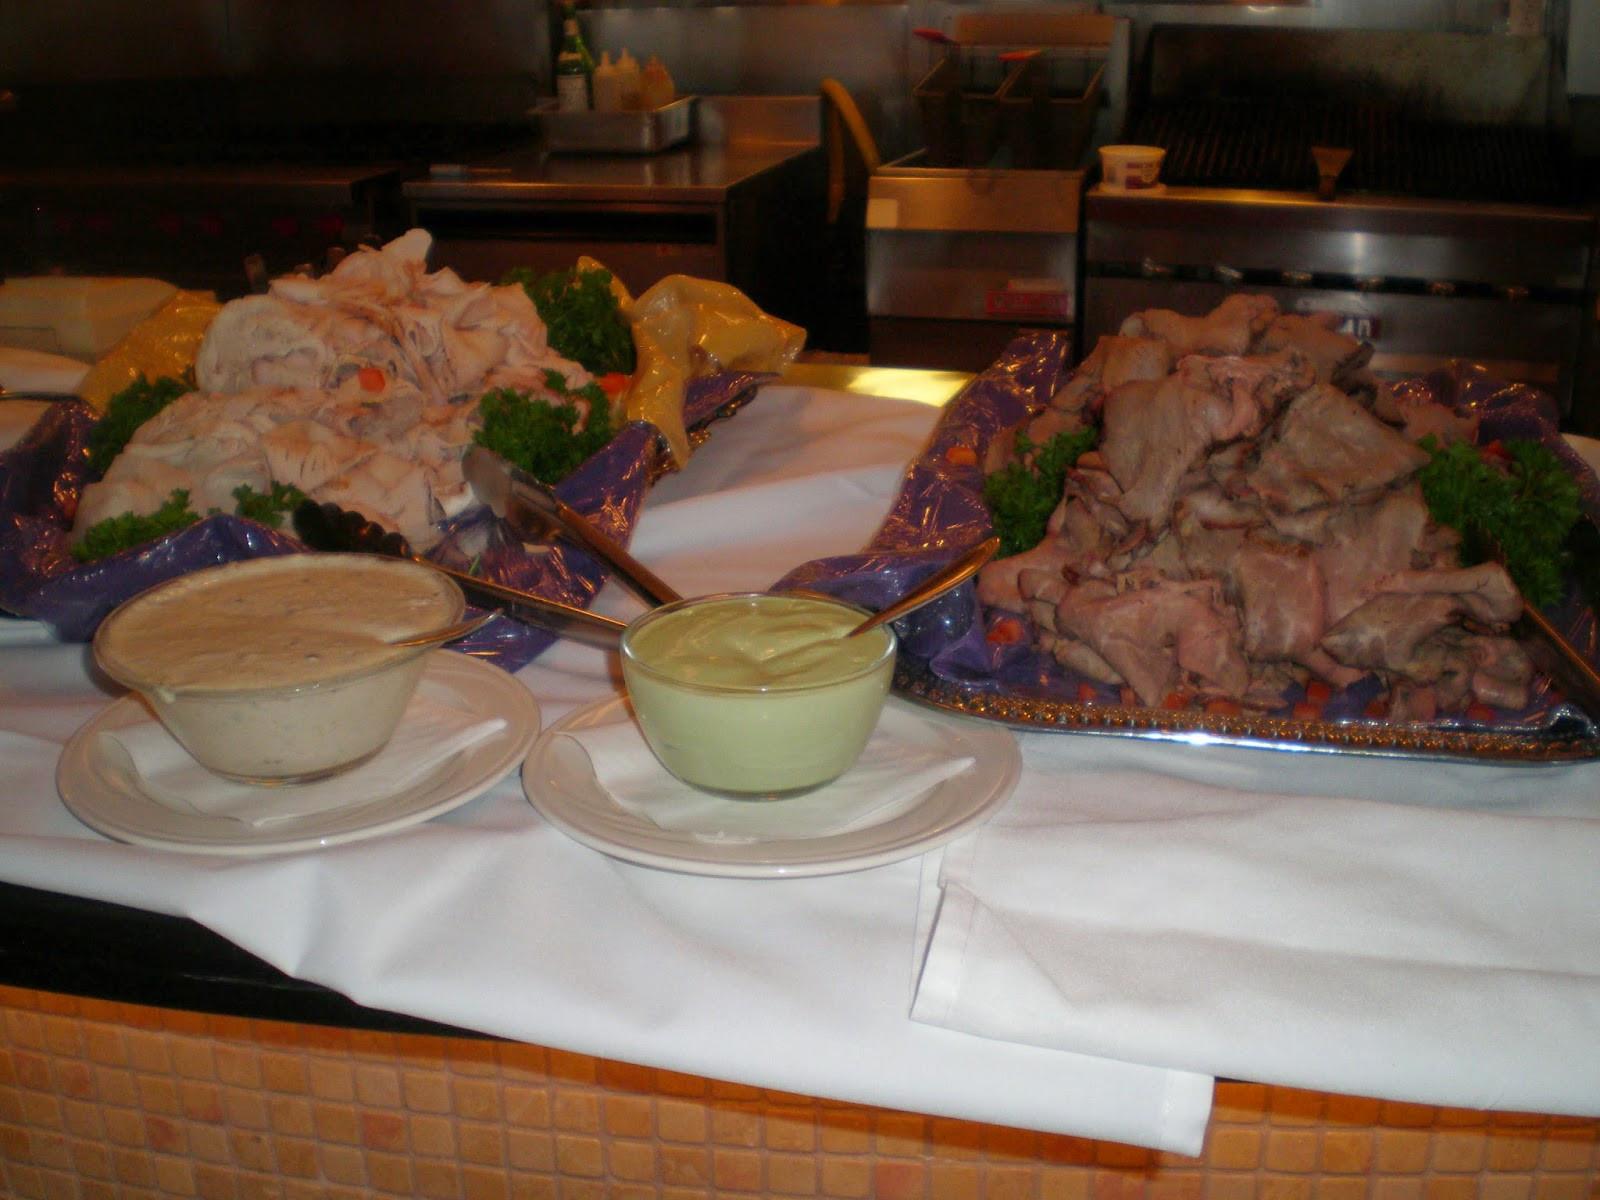 Restaurant For Easter Dinner  Restaurant Success Tips Easter Brunch Dinner Menu Ideas